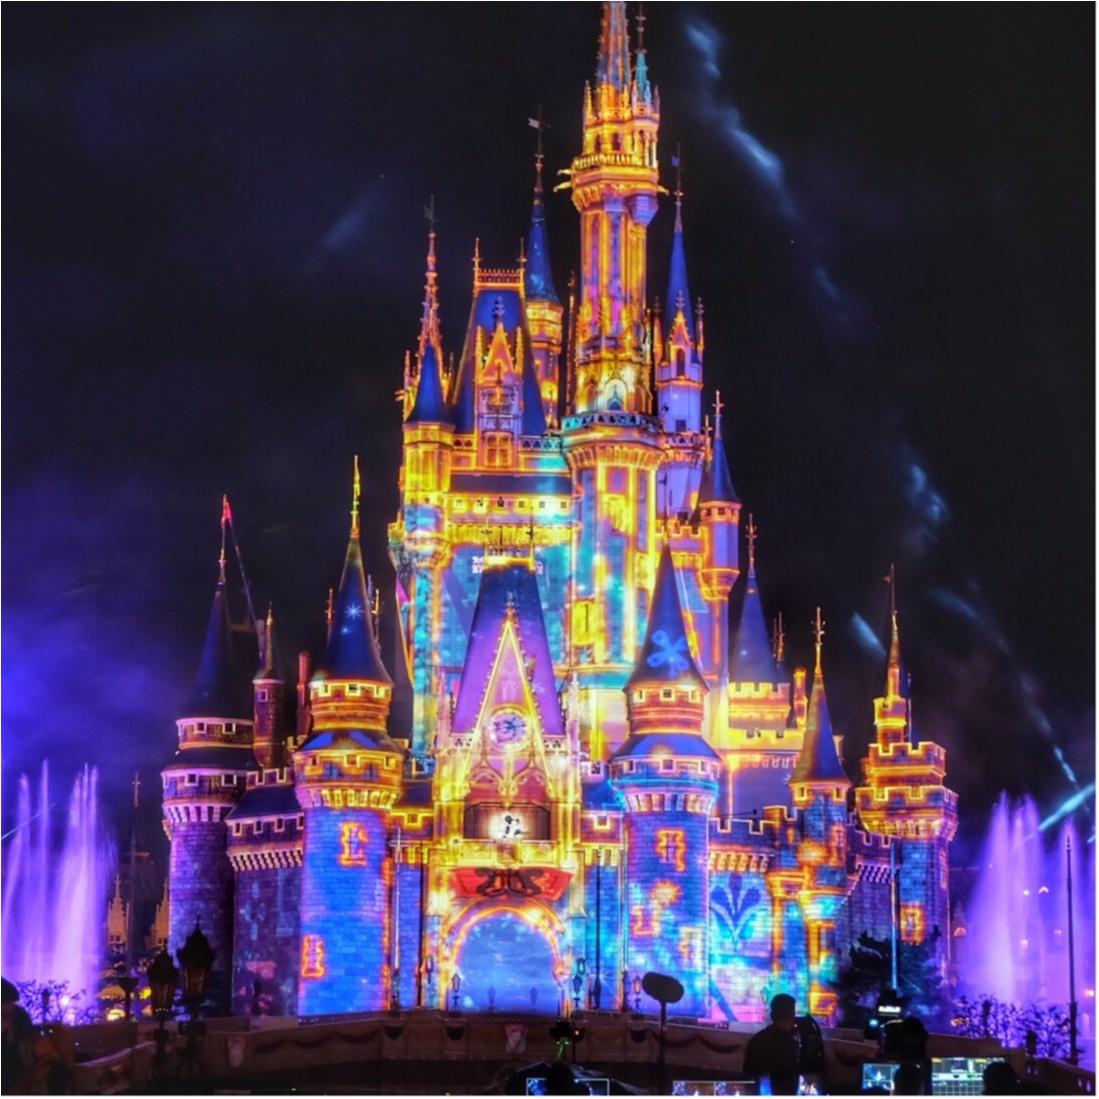 ディズニー,ディズニーランド,プロジェクションマッピング,ミッキー,Happiest Celebration,35周年